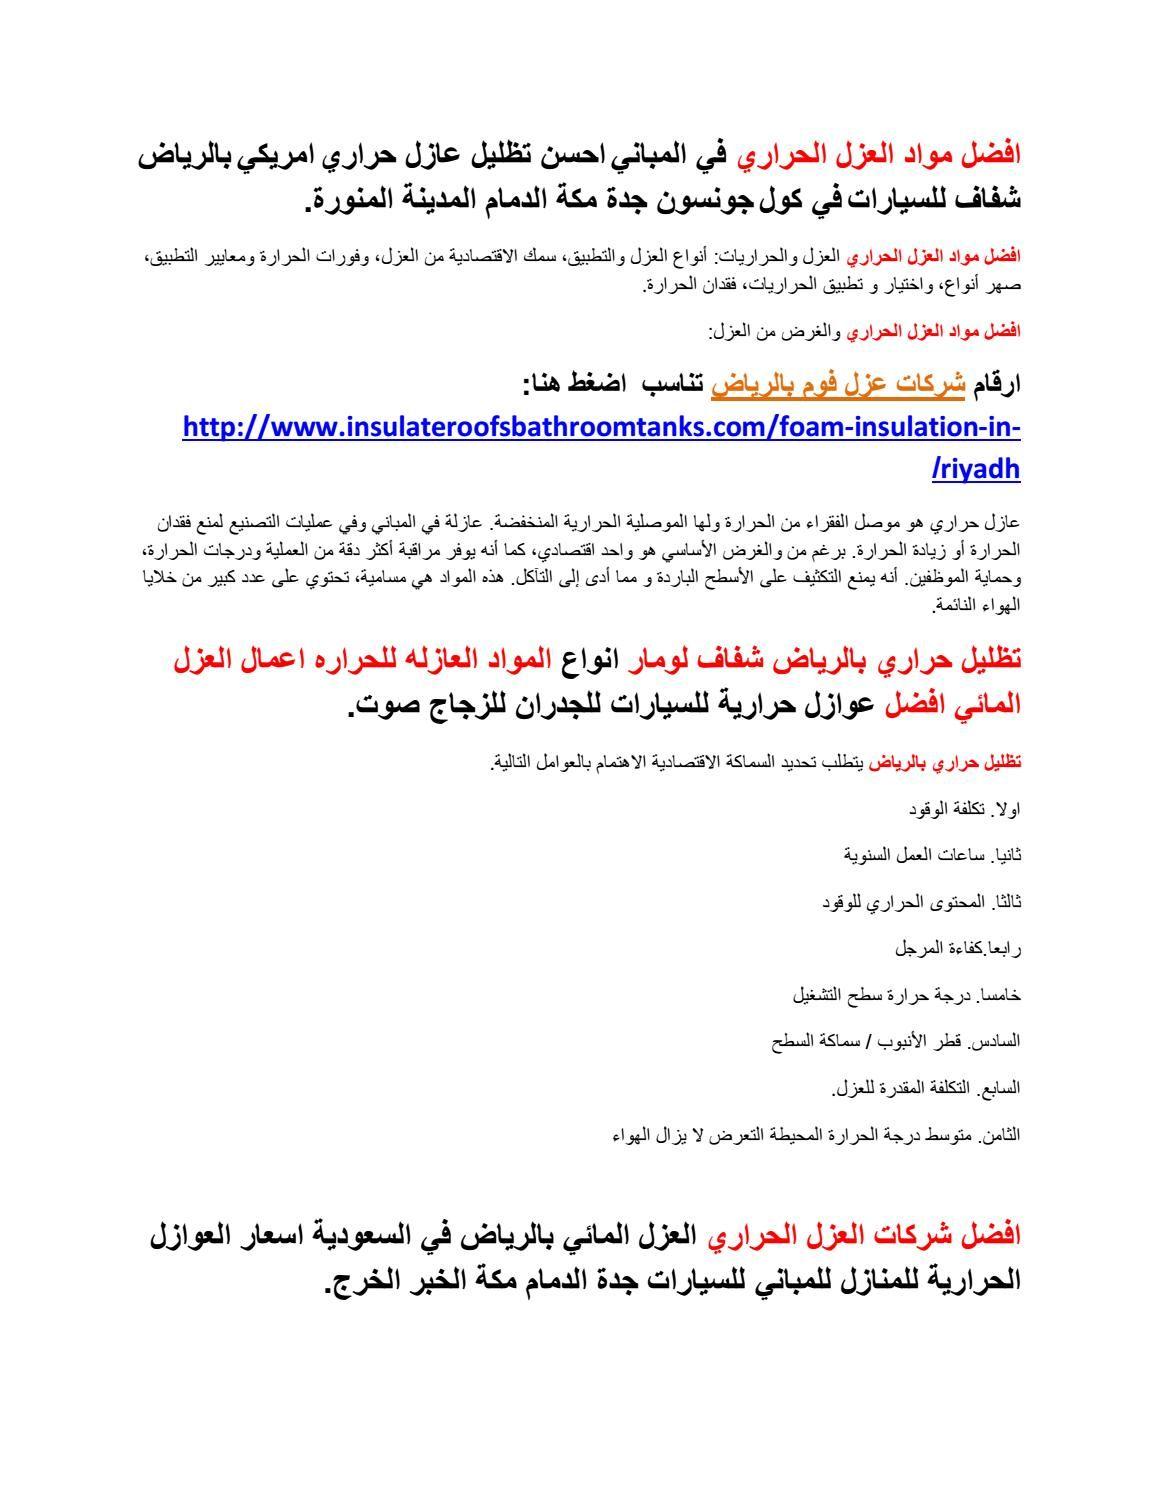 عزل الرطوبة Pdf بحث عن العزل الحراري للمباني افضل مواد العوازل المائية للمنازل ضد الحرارة Pdf Dubai